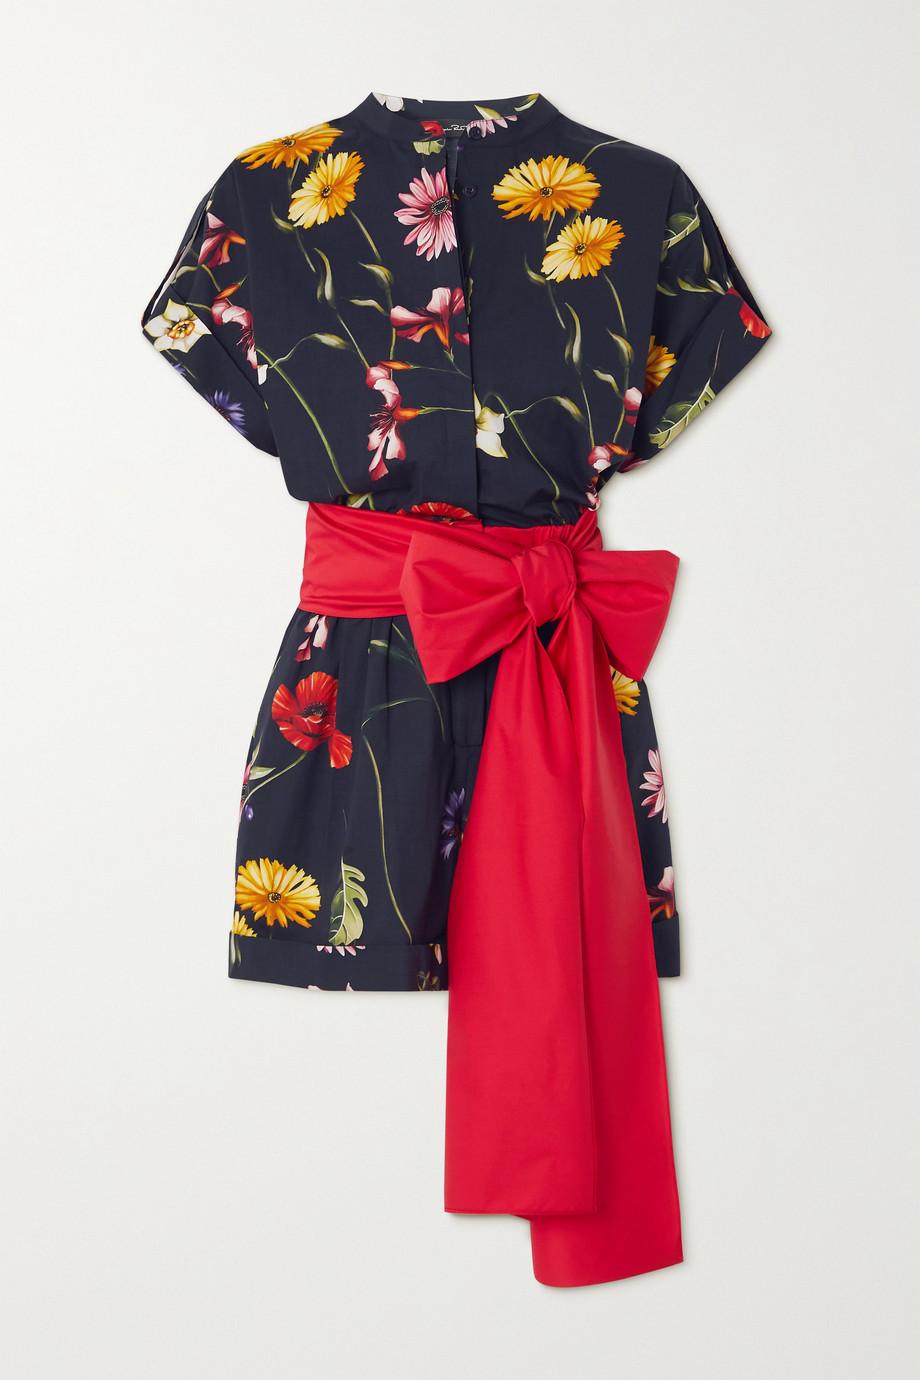 Oscar de la Renta Bow-detailed floral-print cotton-blend poplin playsuit